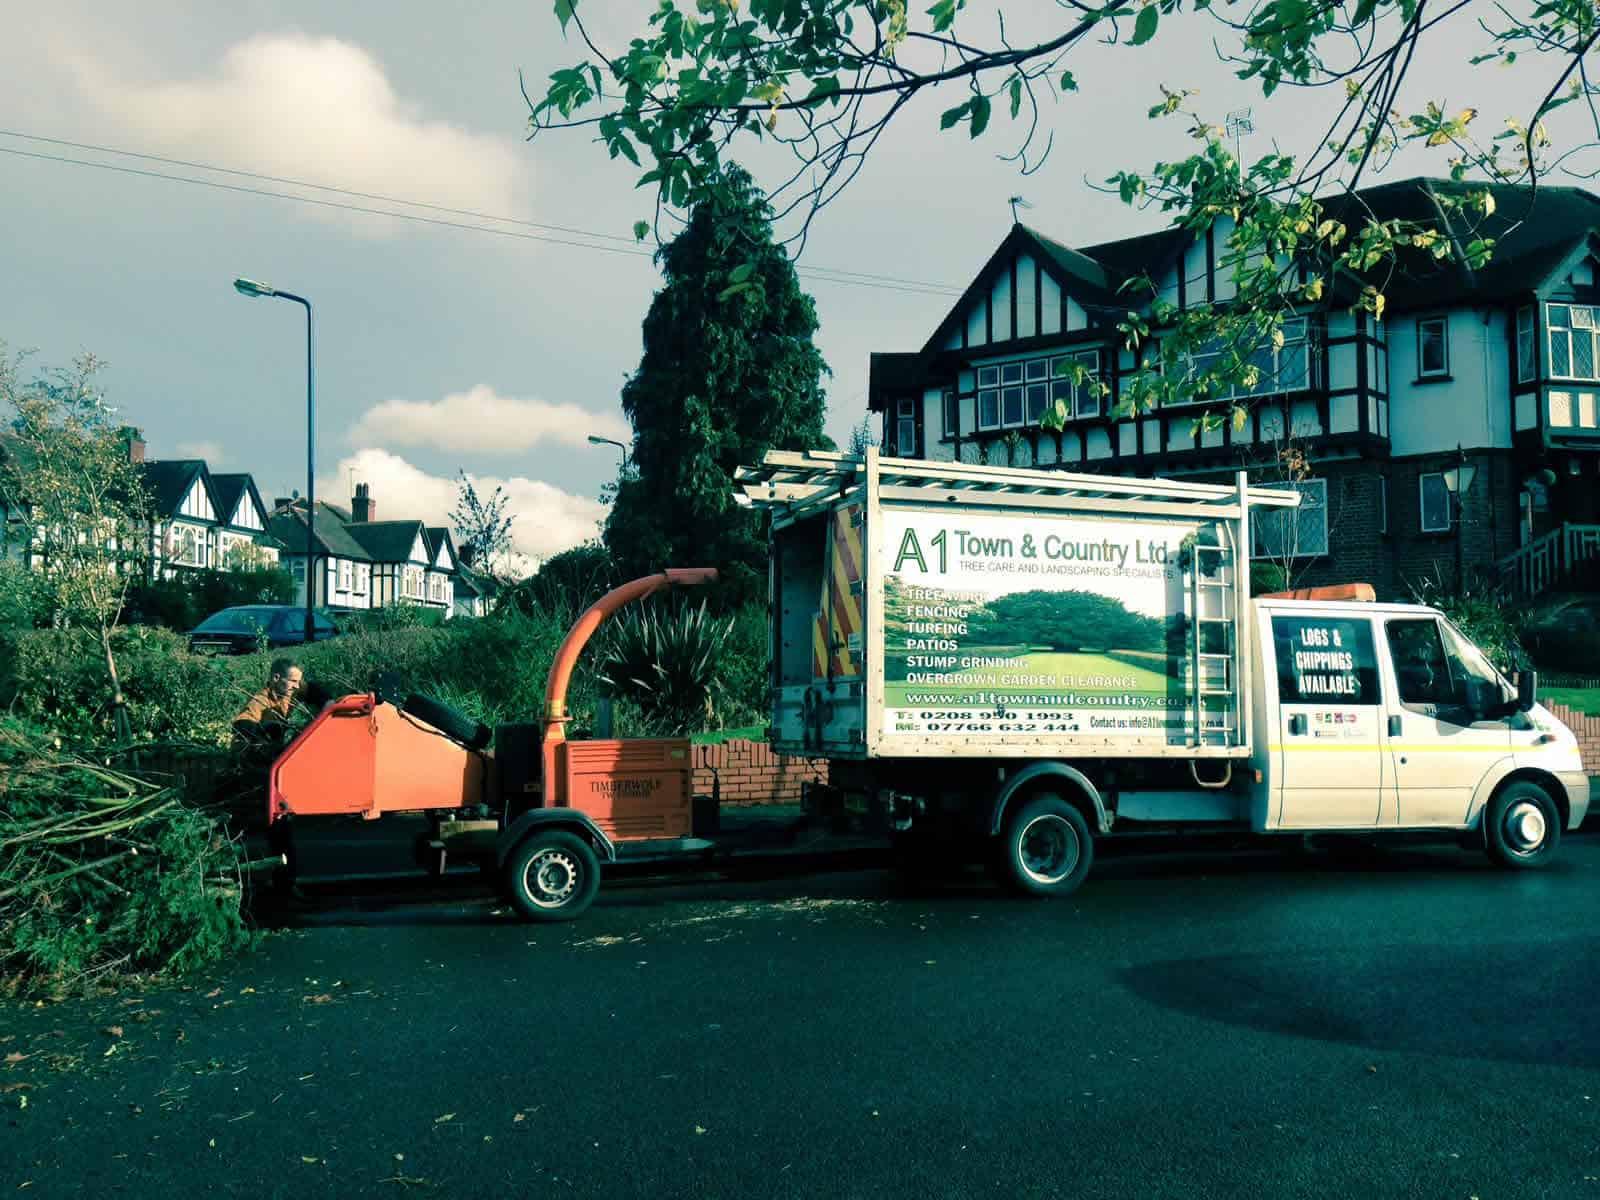 Tree Care Watford, Hertfordshire